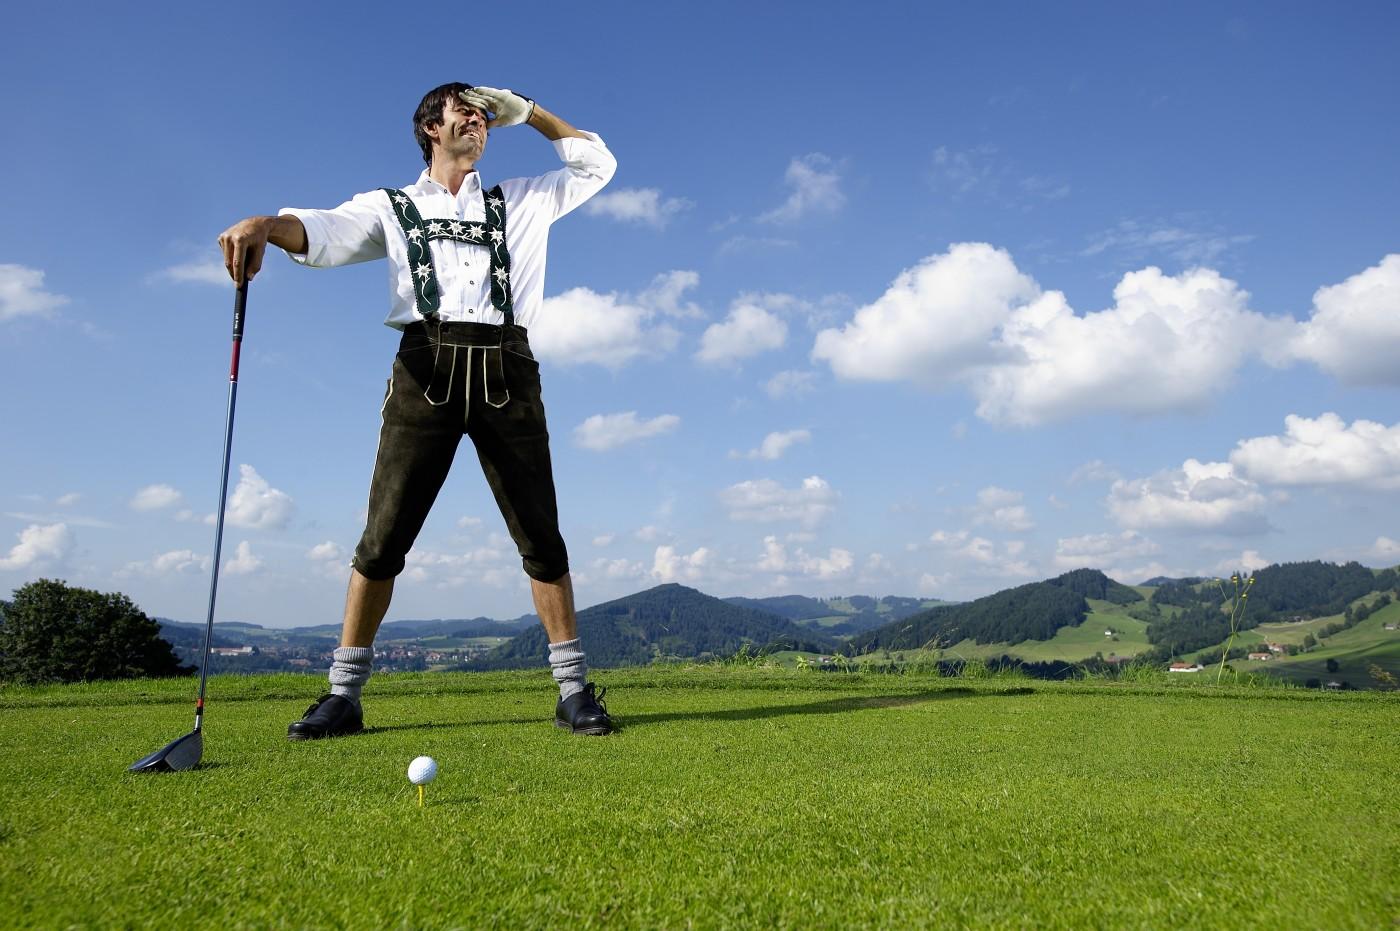 Traumhafte greens golfen in und um oberstaufen for Oberstaufen golf